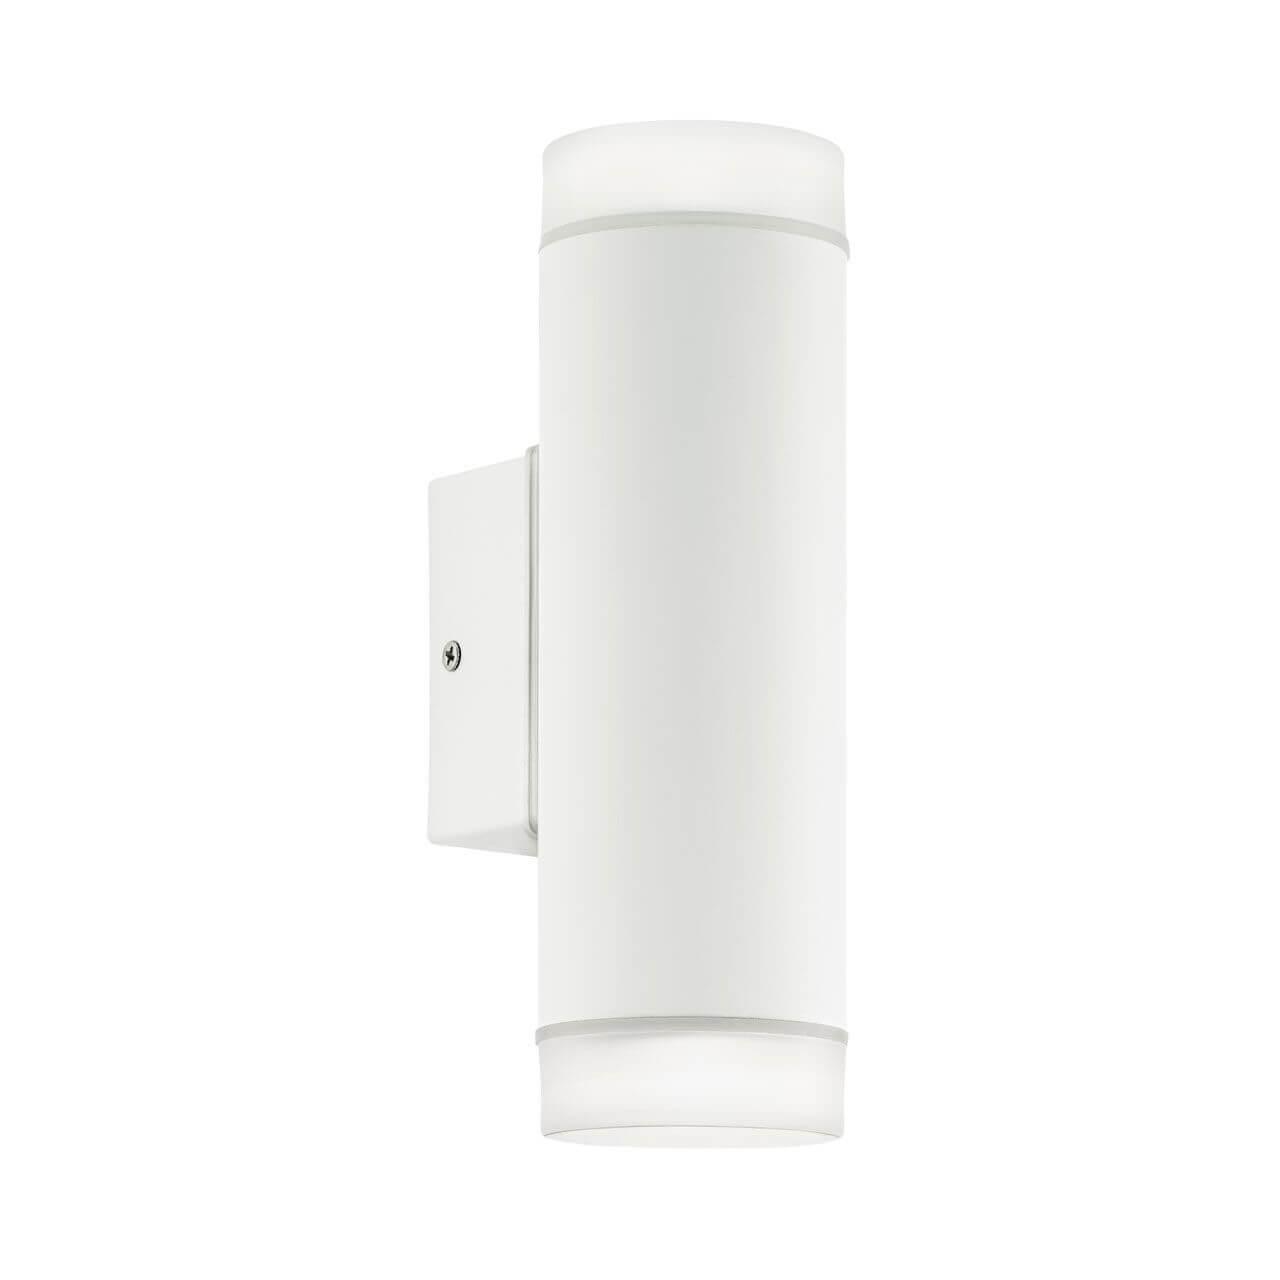 Уличный светильник Eglo 96504, GU10 все цены